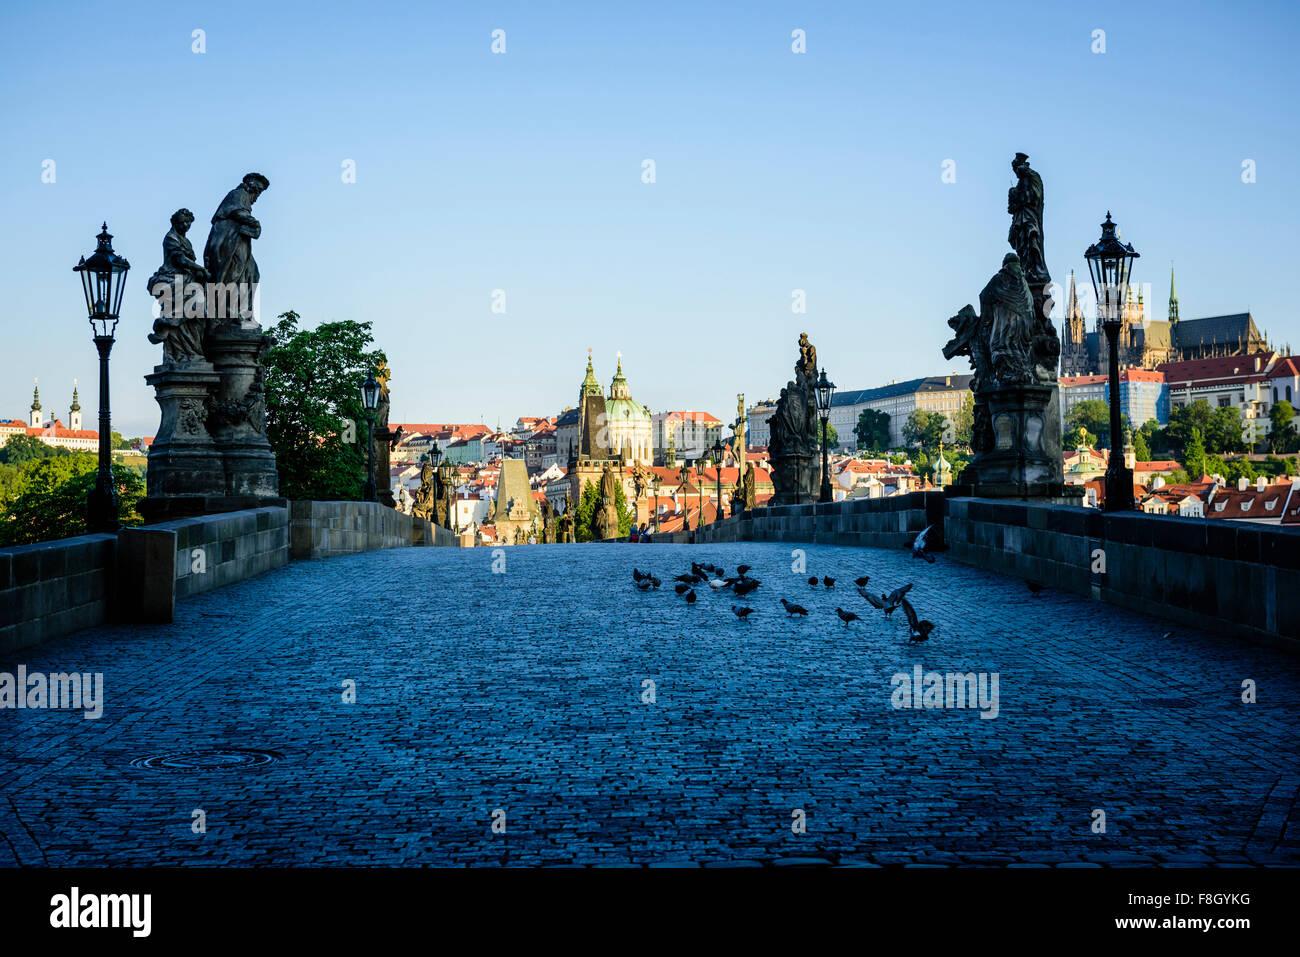 Piccioni sul percorso di mattoni nel paesaggio urbano di Praga, Repubblica Ceca Immagini Stock